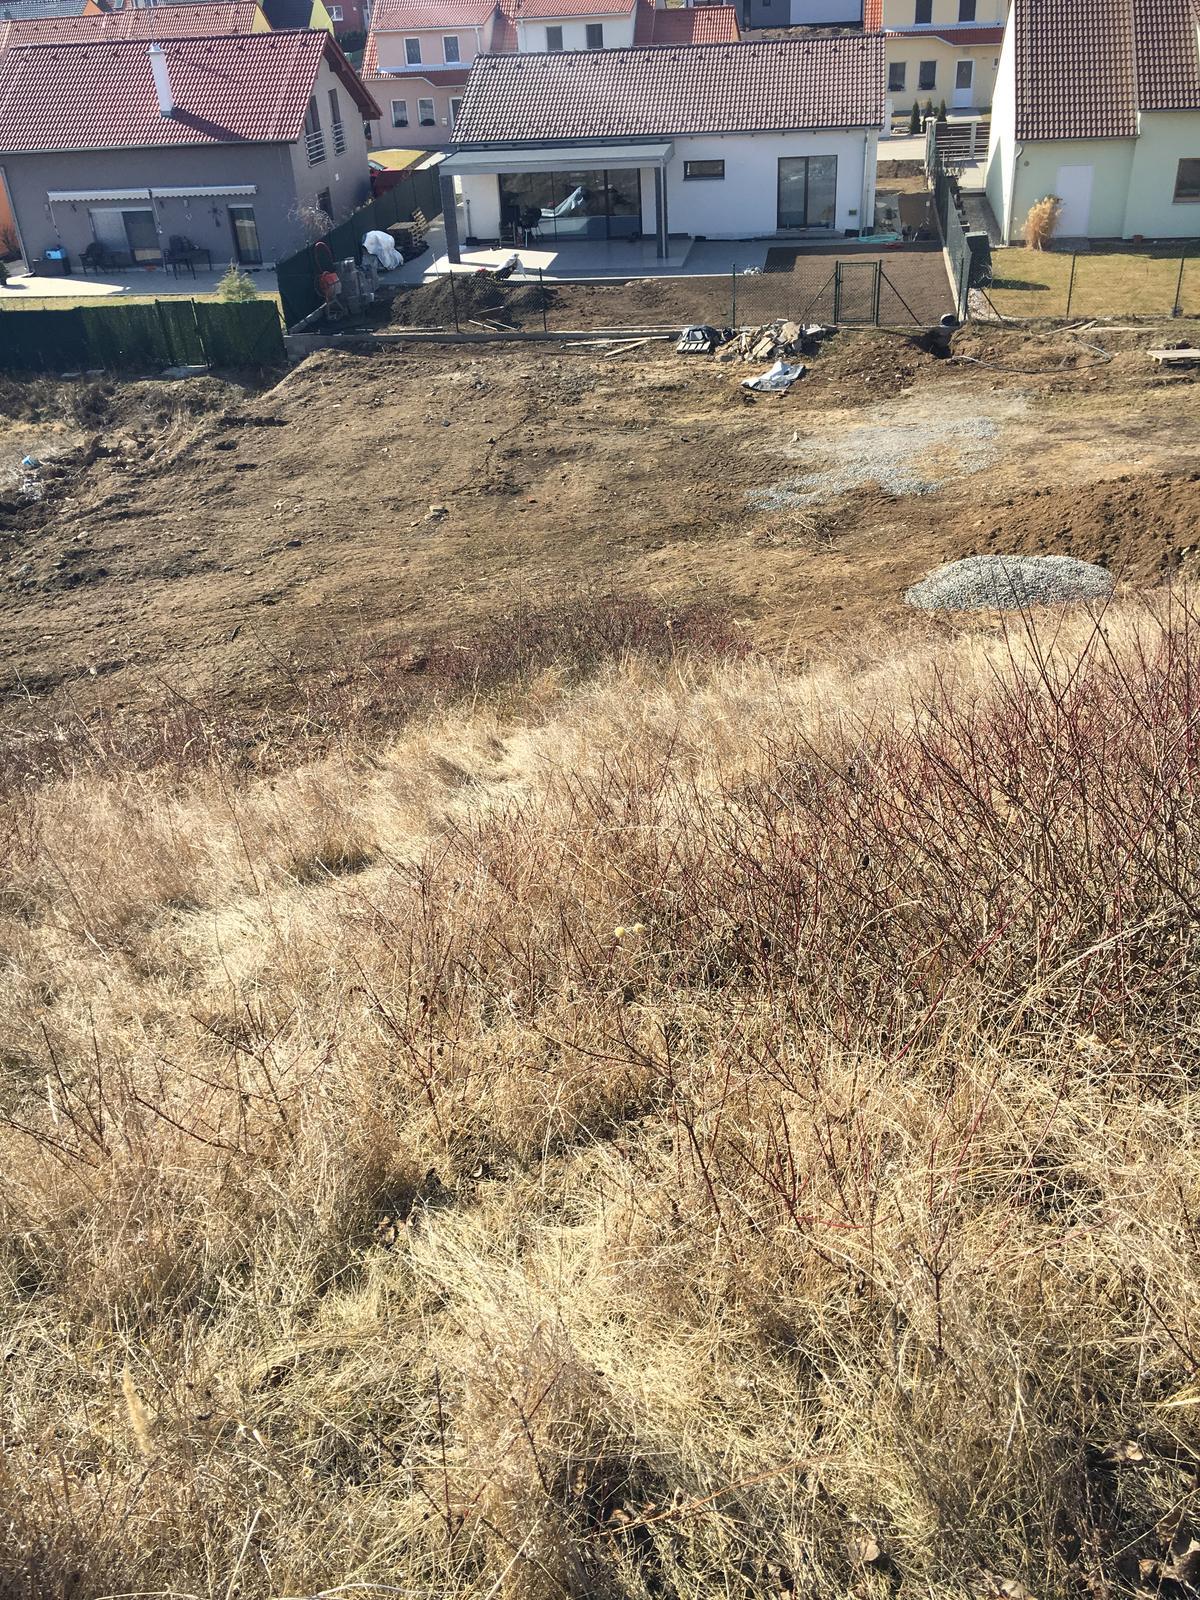 Exteriér domu snů - Na našem svahuuu, už aby dojela svahovka a strhla tu vrstvu hnusne trávy a plevelu, to pak bude nadheraa